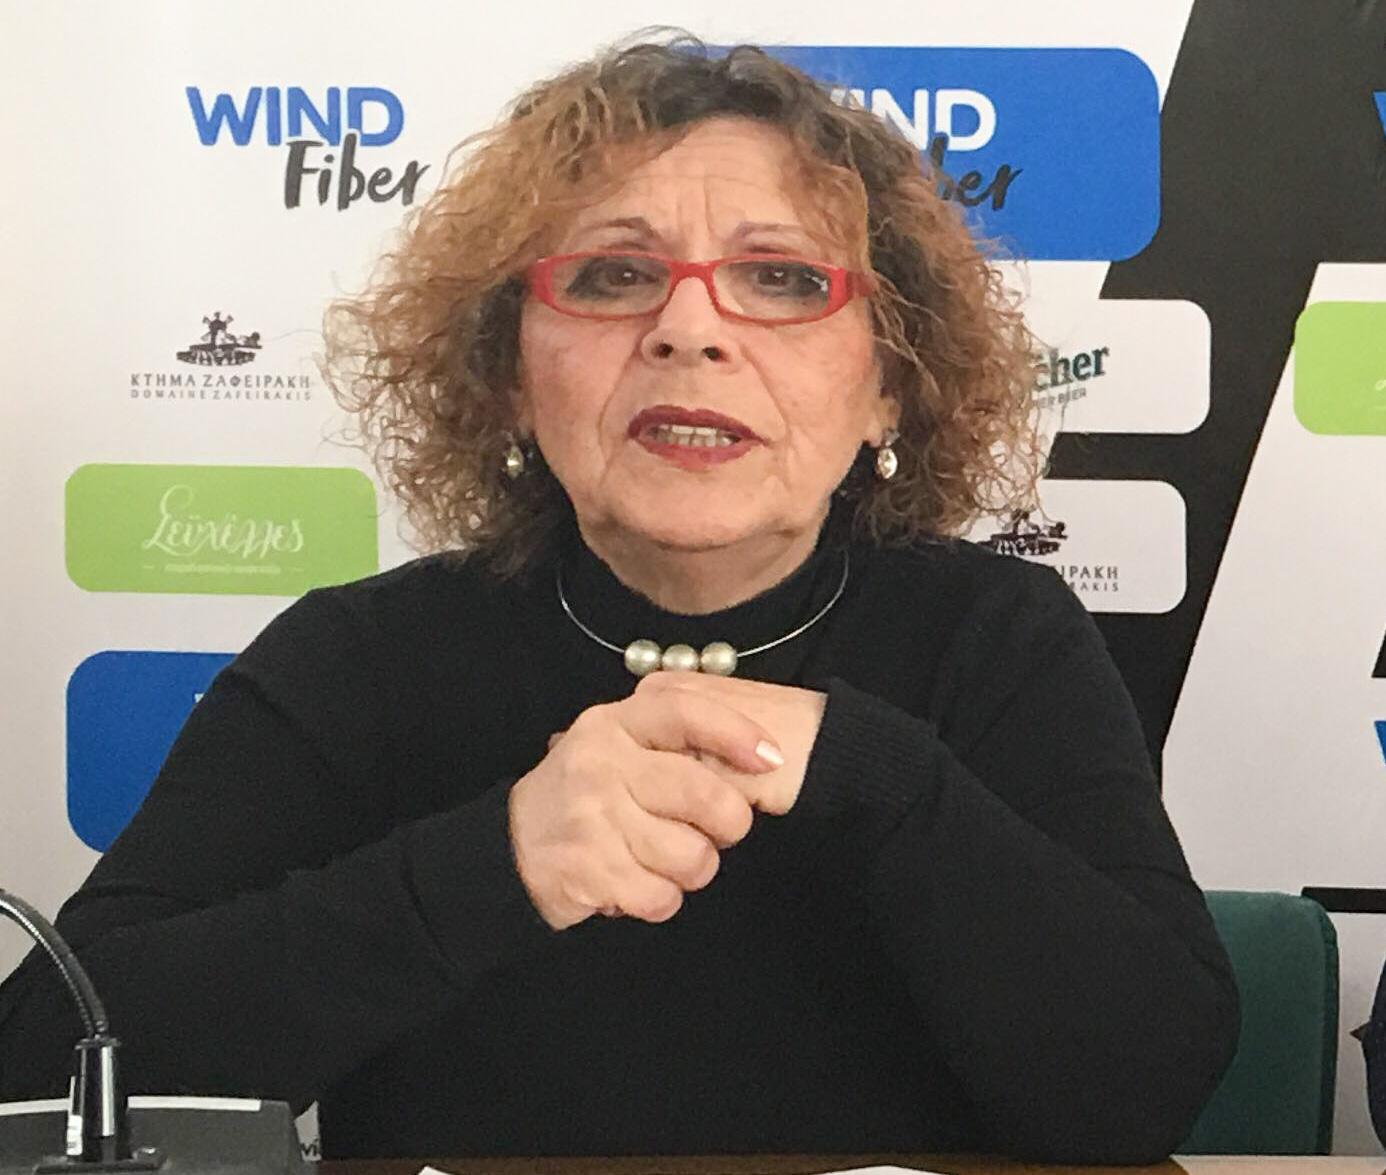 Άντα Σαρτζή - Σδράλλη, Πρόεδρος του Φεστιβάλ